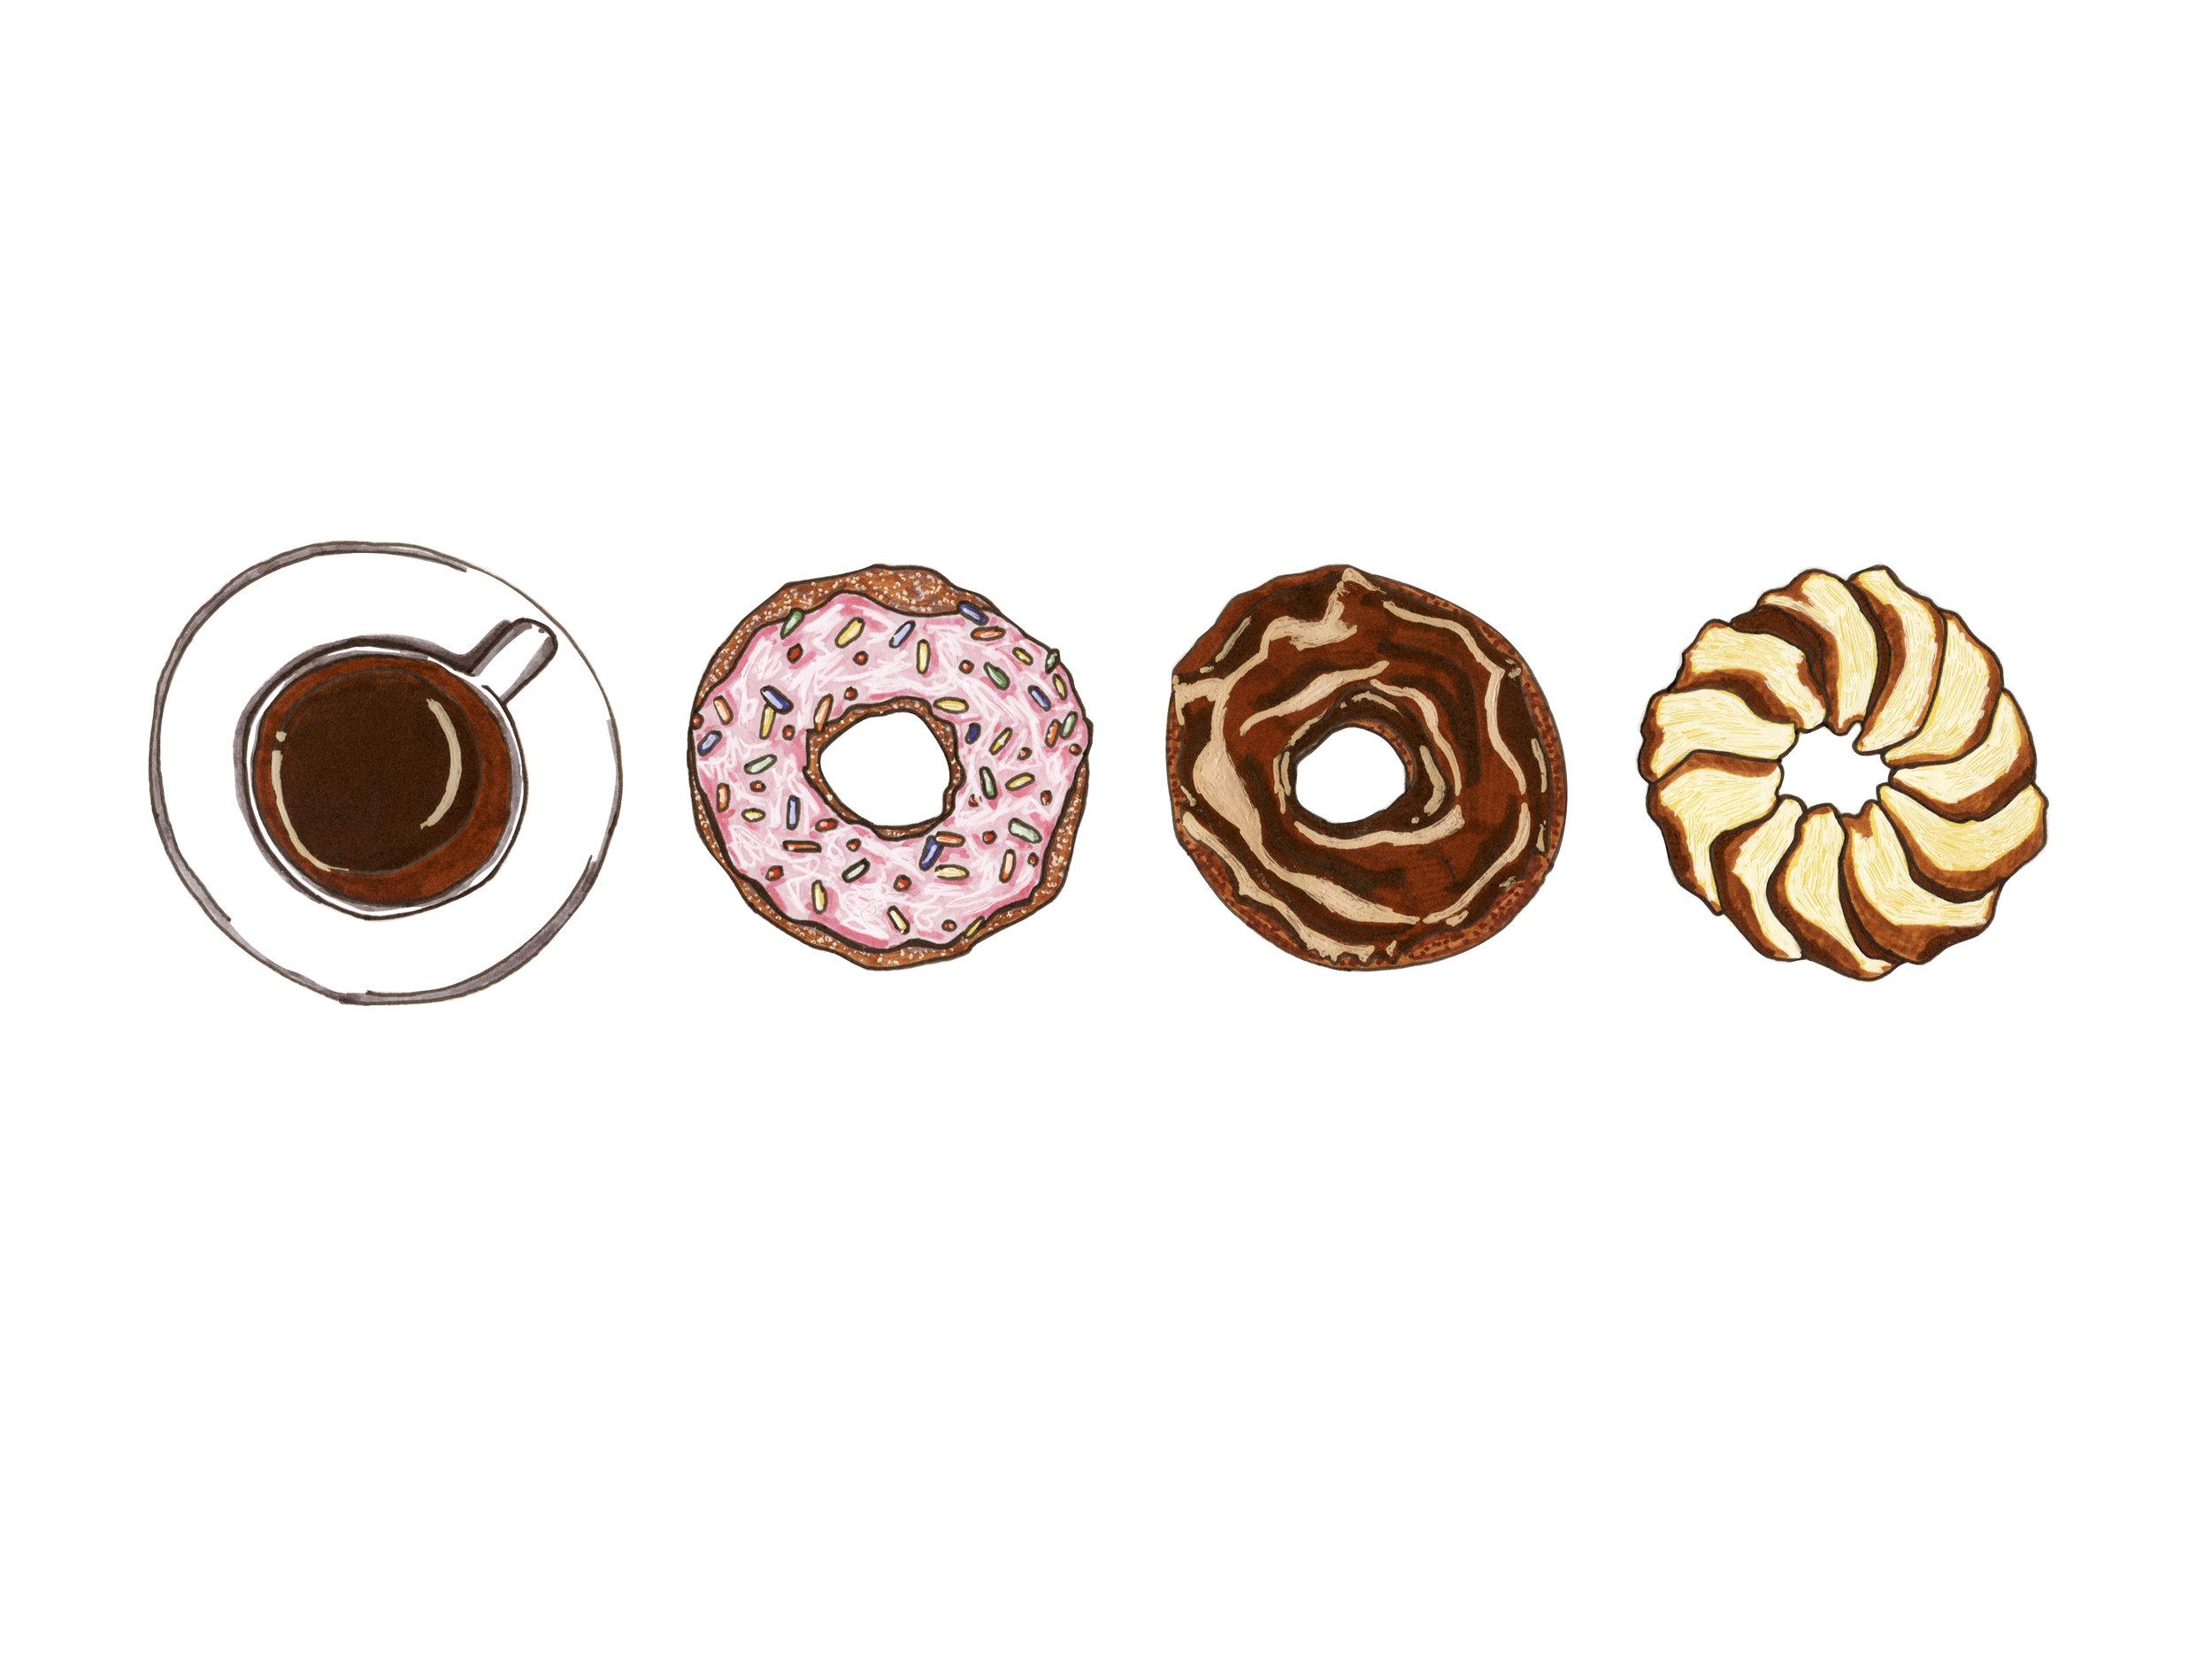 coffeedonuts_website.jpg